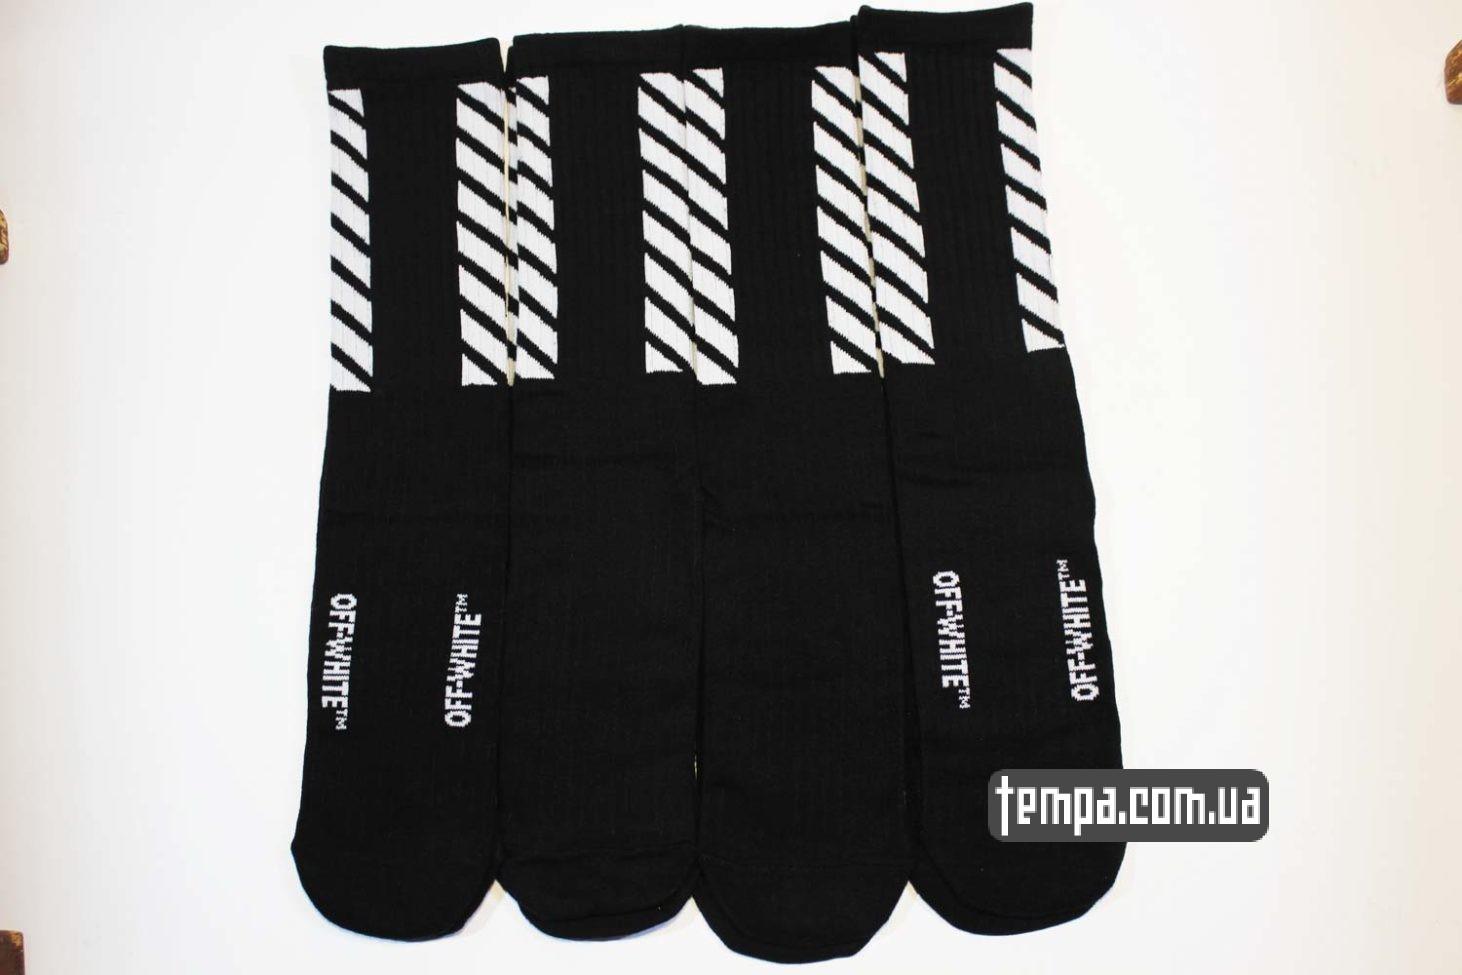 носки магазин купить носки высокие OFF WHITE черные купить